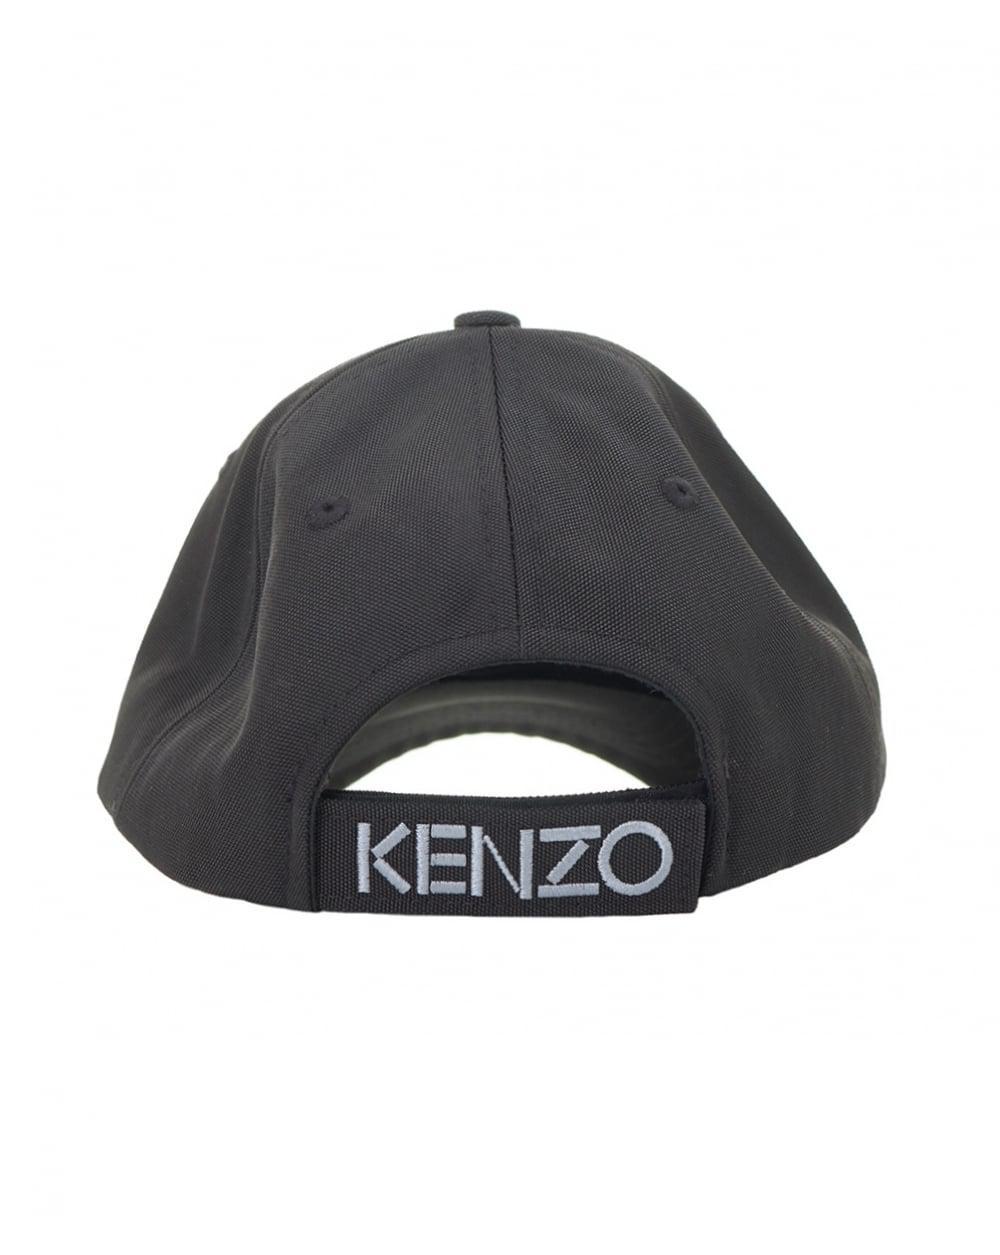 KENZO - Black Tiger Cap for Men - Lyst. View fullscreen 1def282d6184